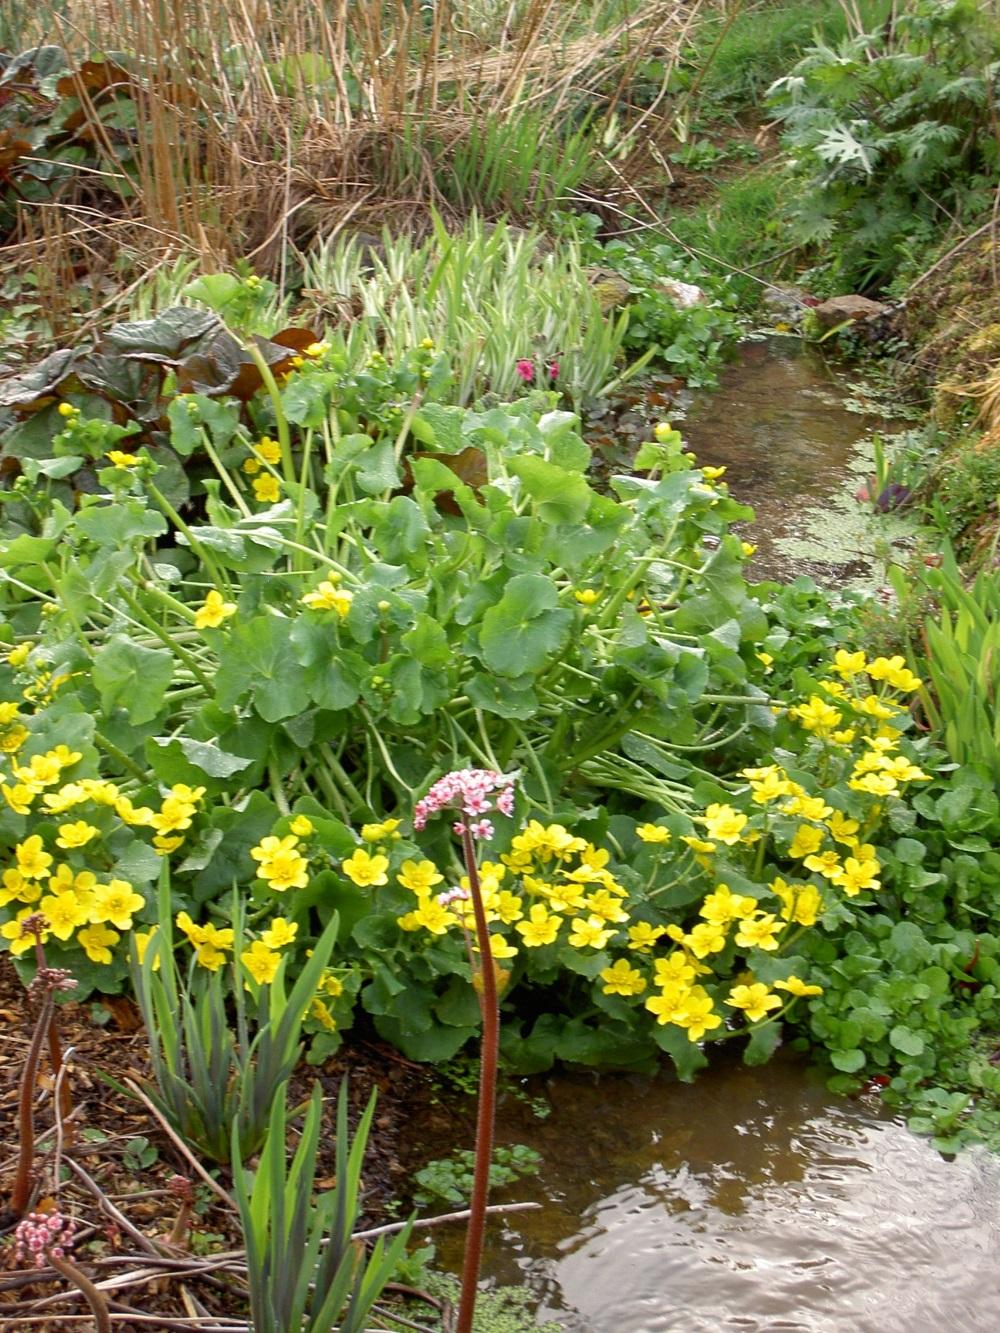 Caltha palustris - Marginal Pond Plants Pond Pla King cup or Marsh marigold